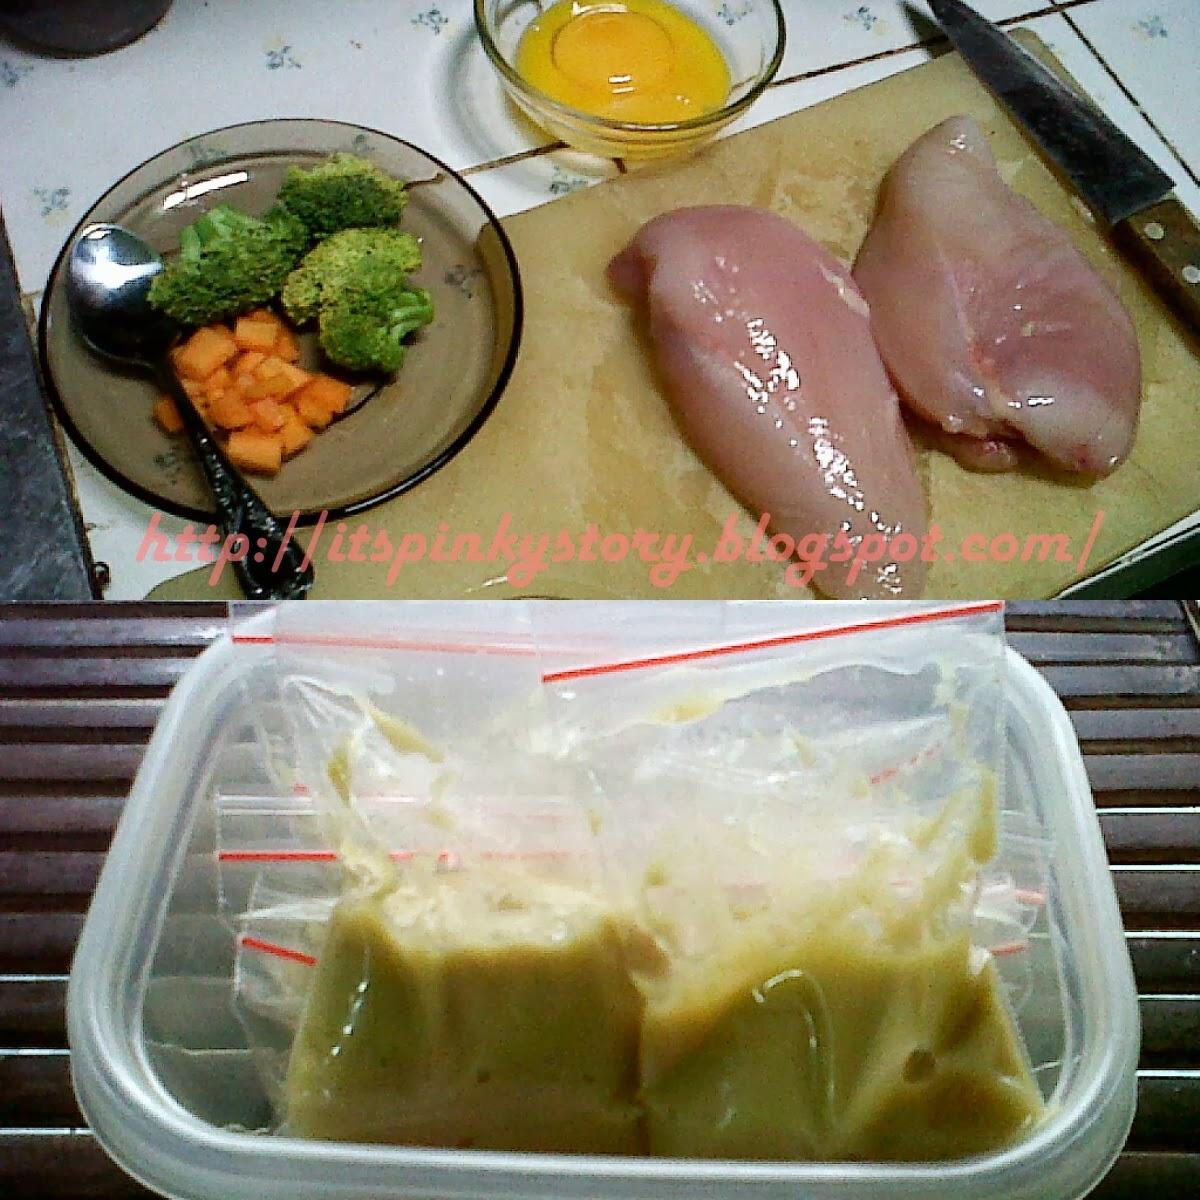 Resep Mie Gomak Yang Cocok Juga Buat Diet